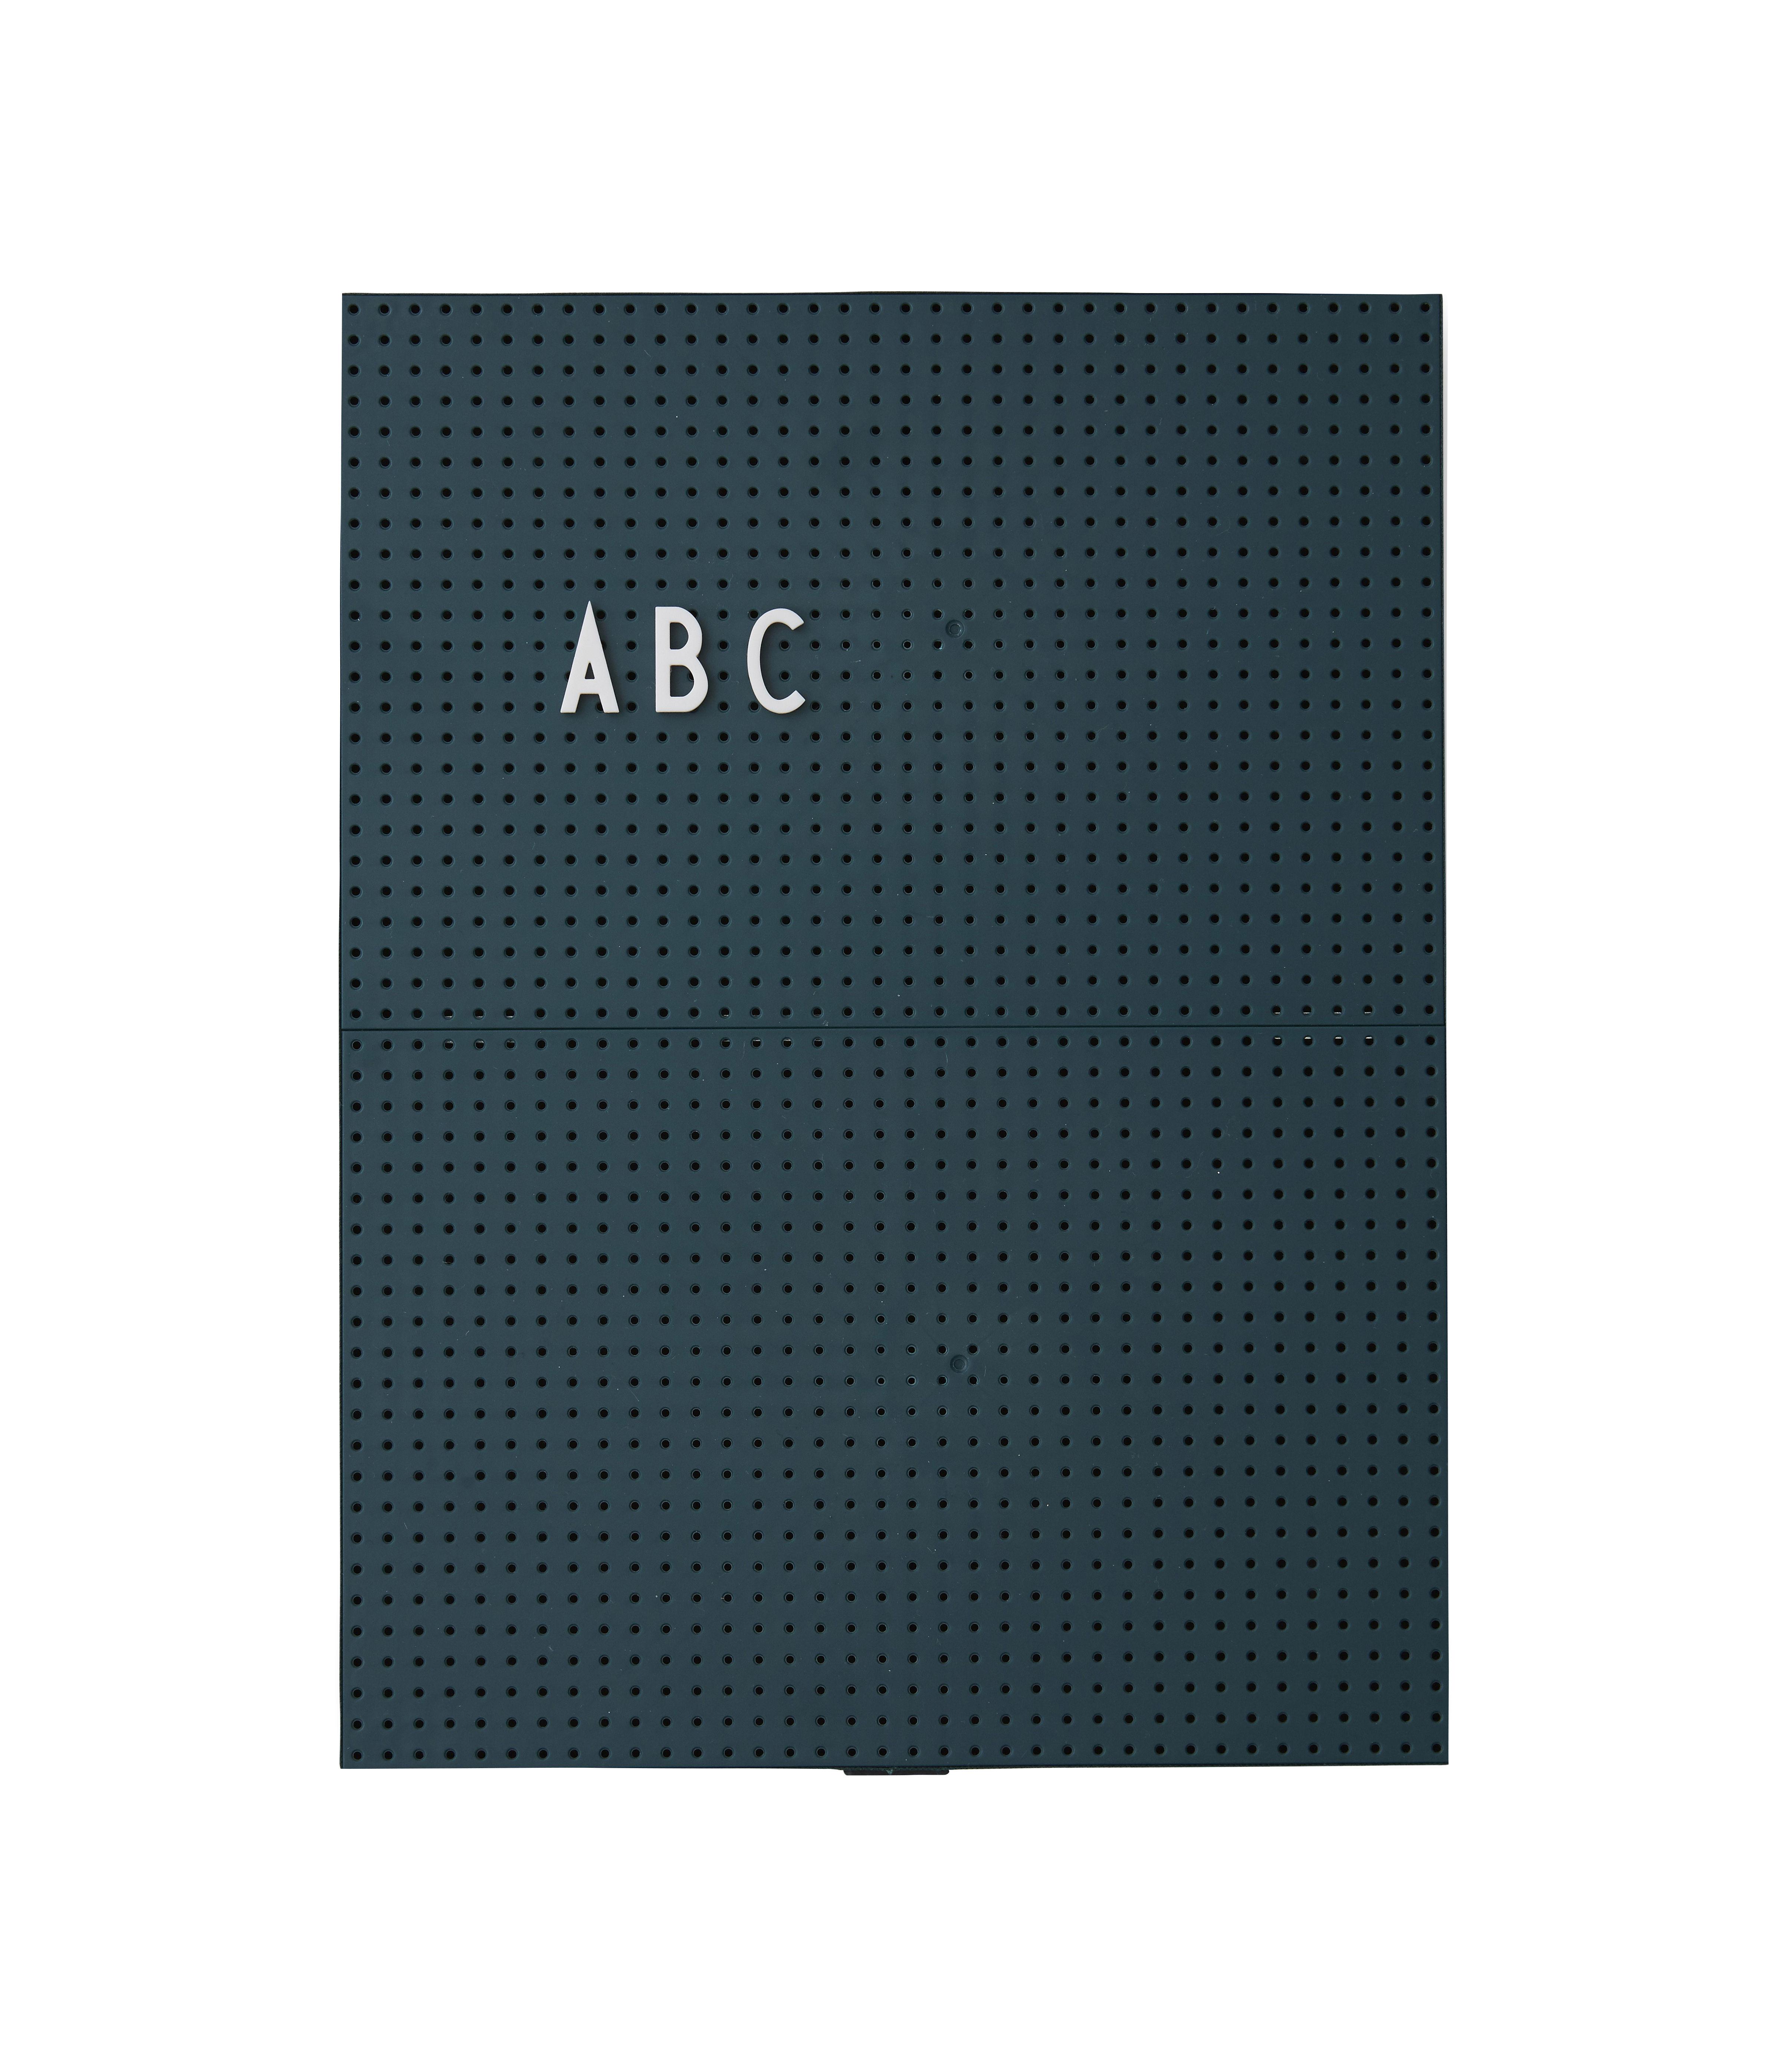 Decoration - Memo Boards & Calendars  - A4 Memo board - / L 21 x H 30 cm by Design Letters - Vert foncé - ABS